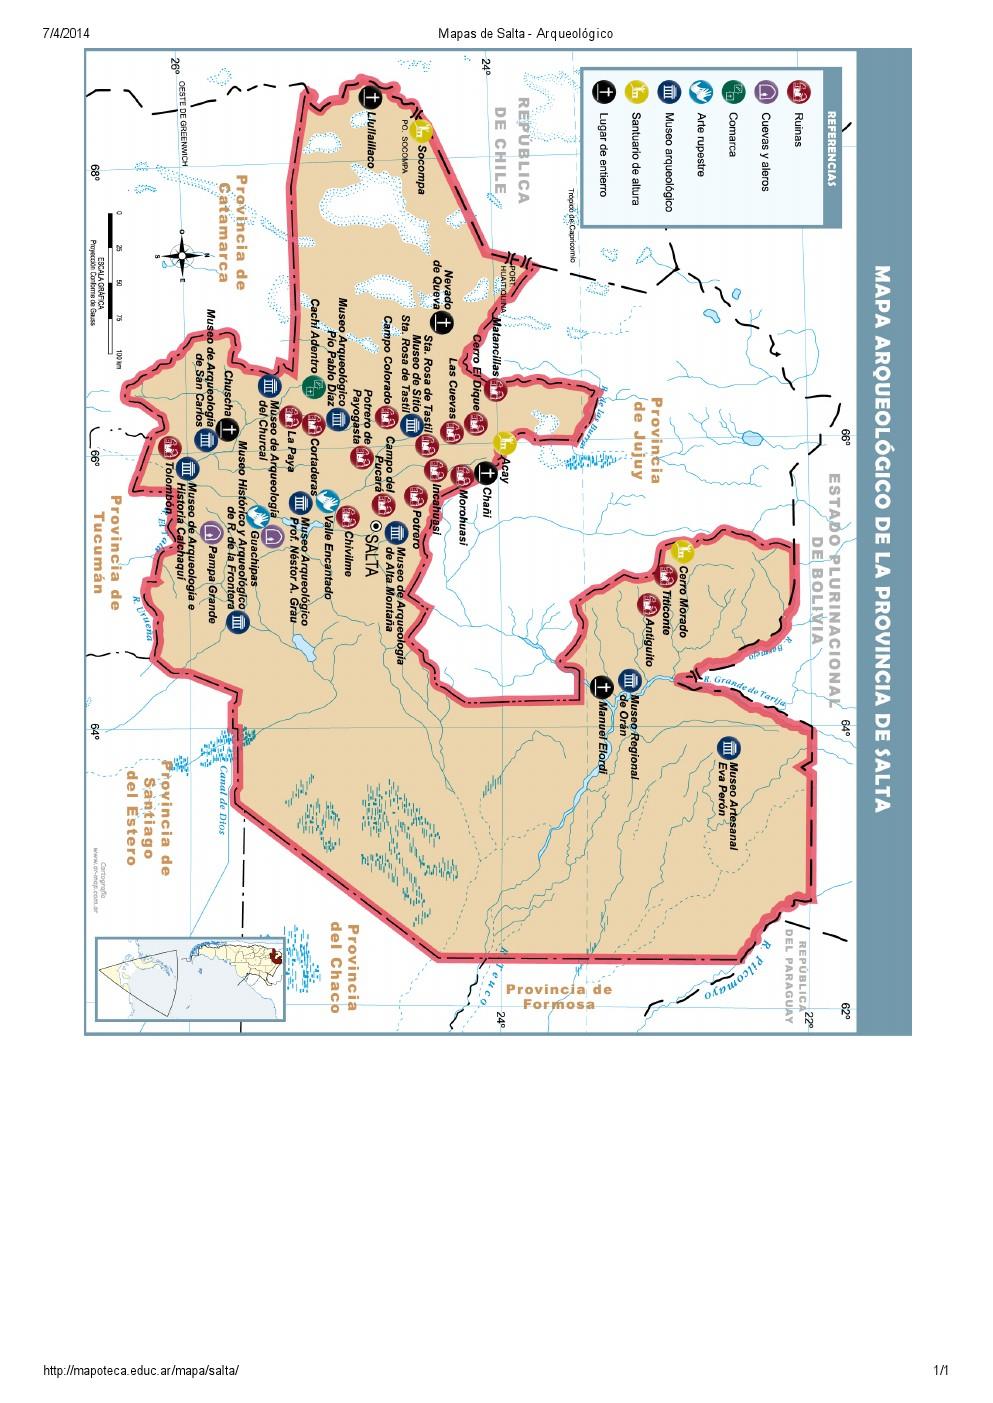 Mapa arqueológico de Salta. Mapoteca de Educ.ar